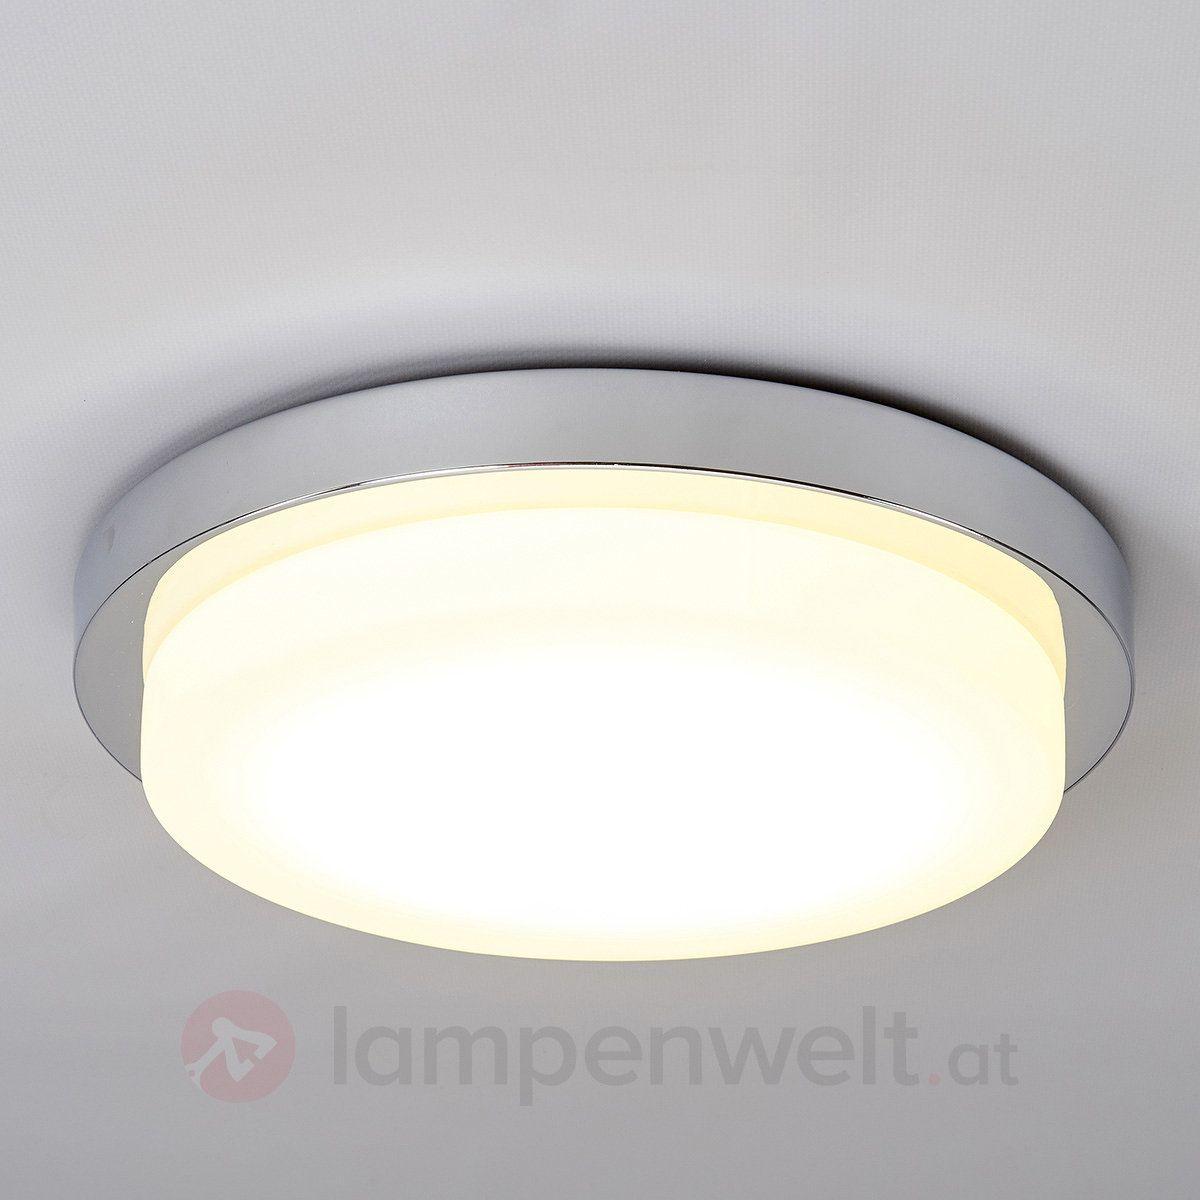 Adriano   LED Deckenlampe Fürs Badezimmer Sicher U0026 Bequem Online Bestellen  Bei Lampenwelt.de